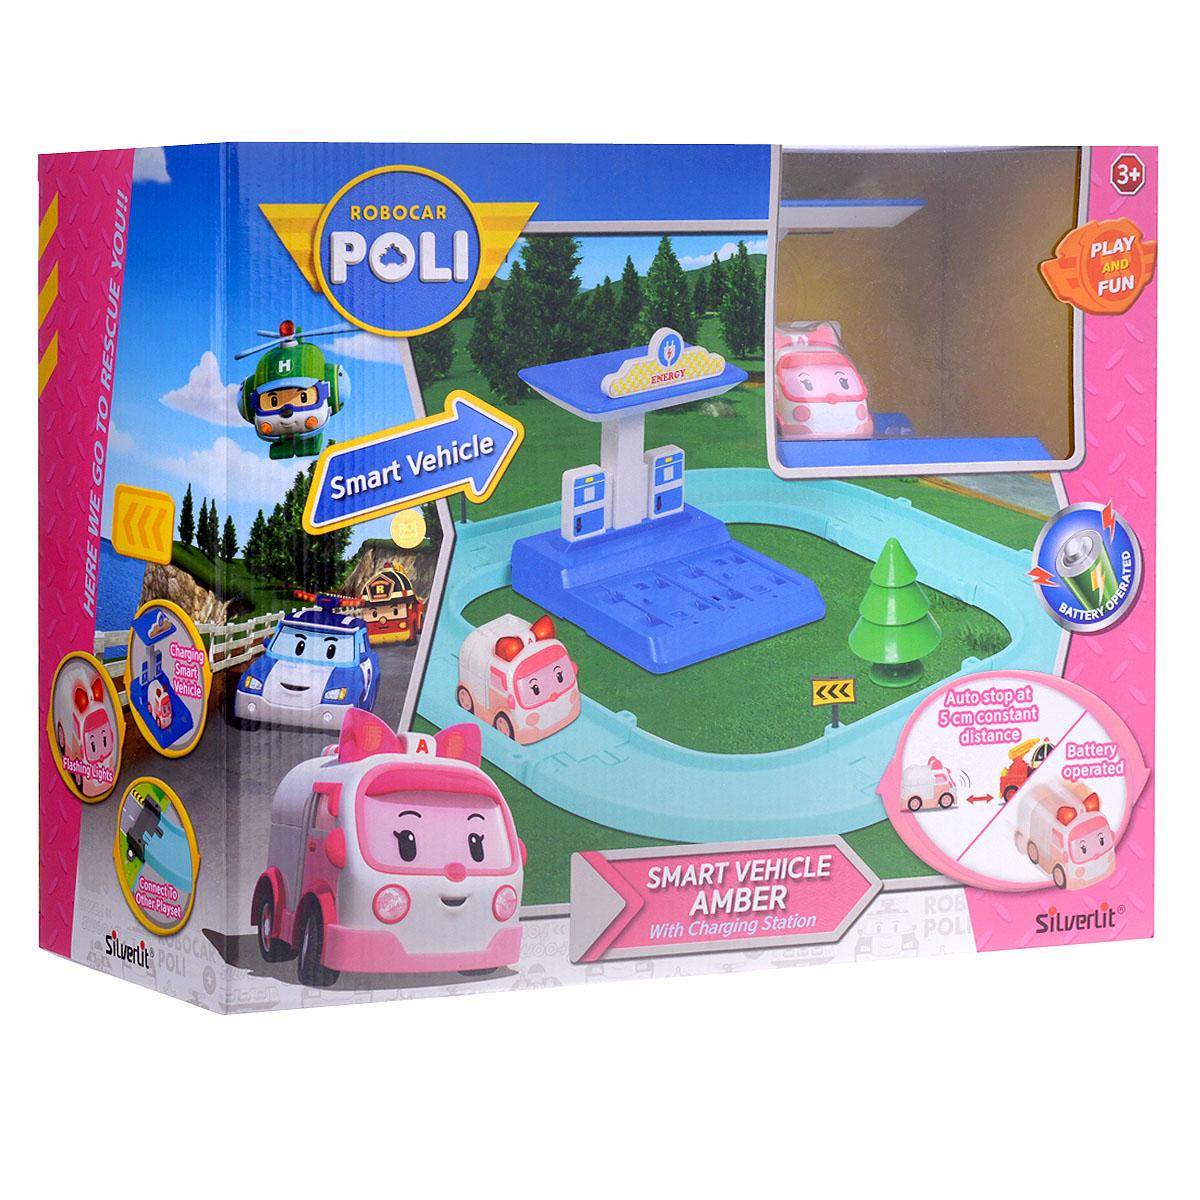 Robocar Poli Игрушечный трек Умная машинка Эмбер 83271